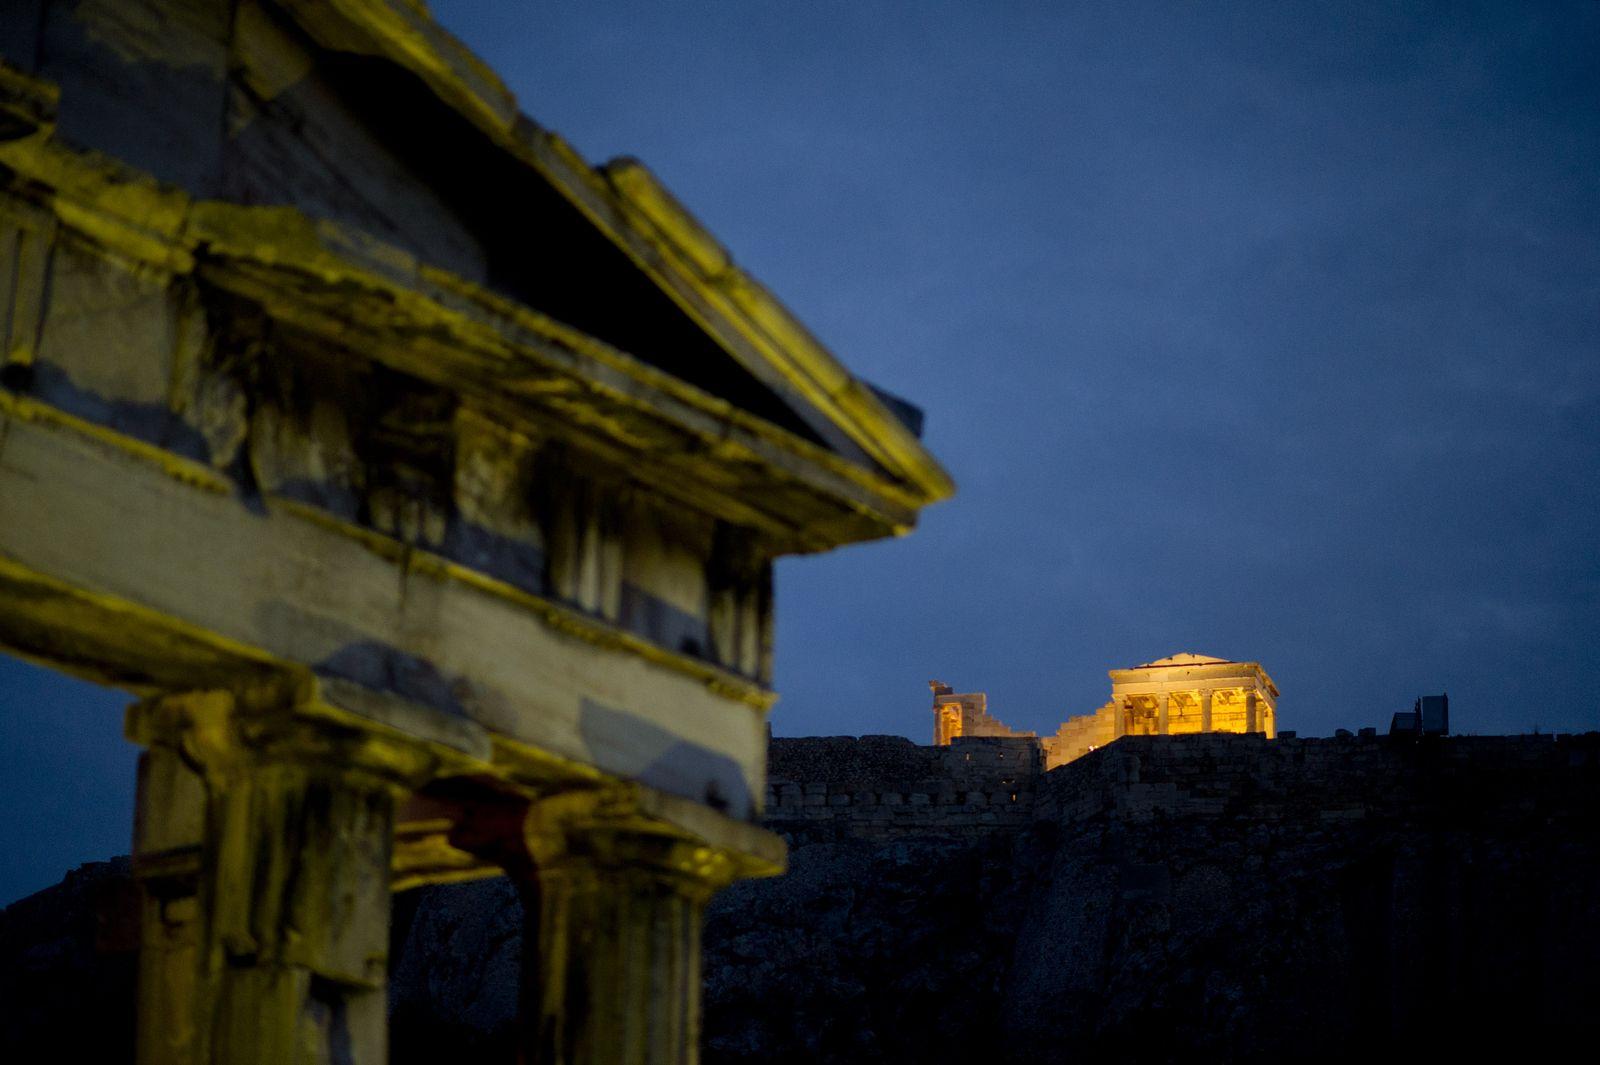 NICHT VERWENDEN Europa/Finanzkrise/Griechenland